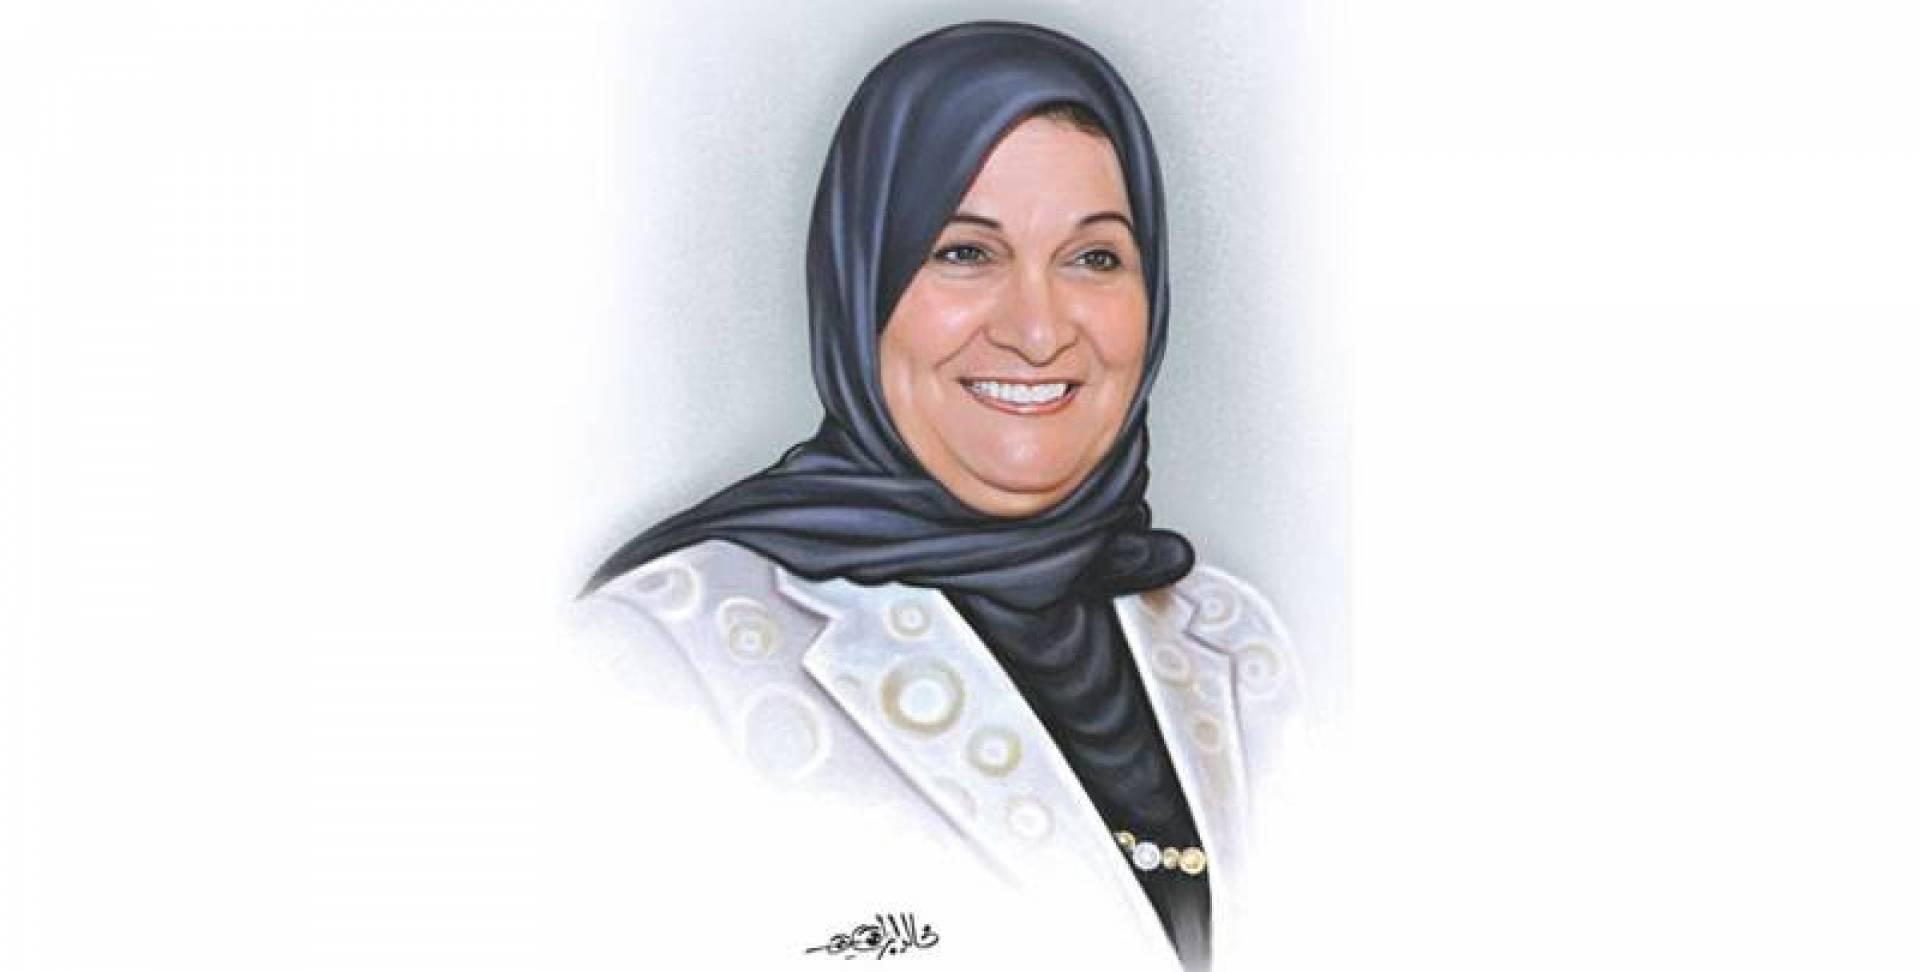 سبيكة الجاسر لـ«القبس»: الكويتيات رائدات في العمل الخيري وخدمة المجتمع